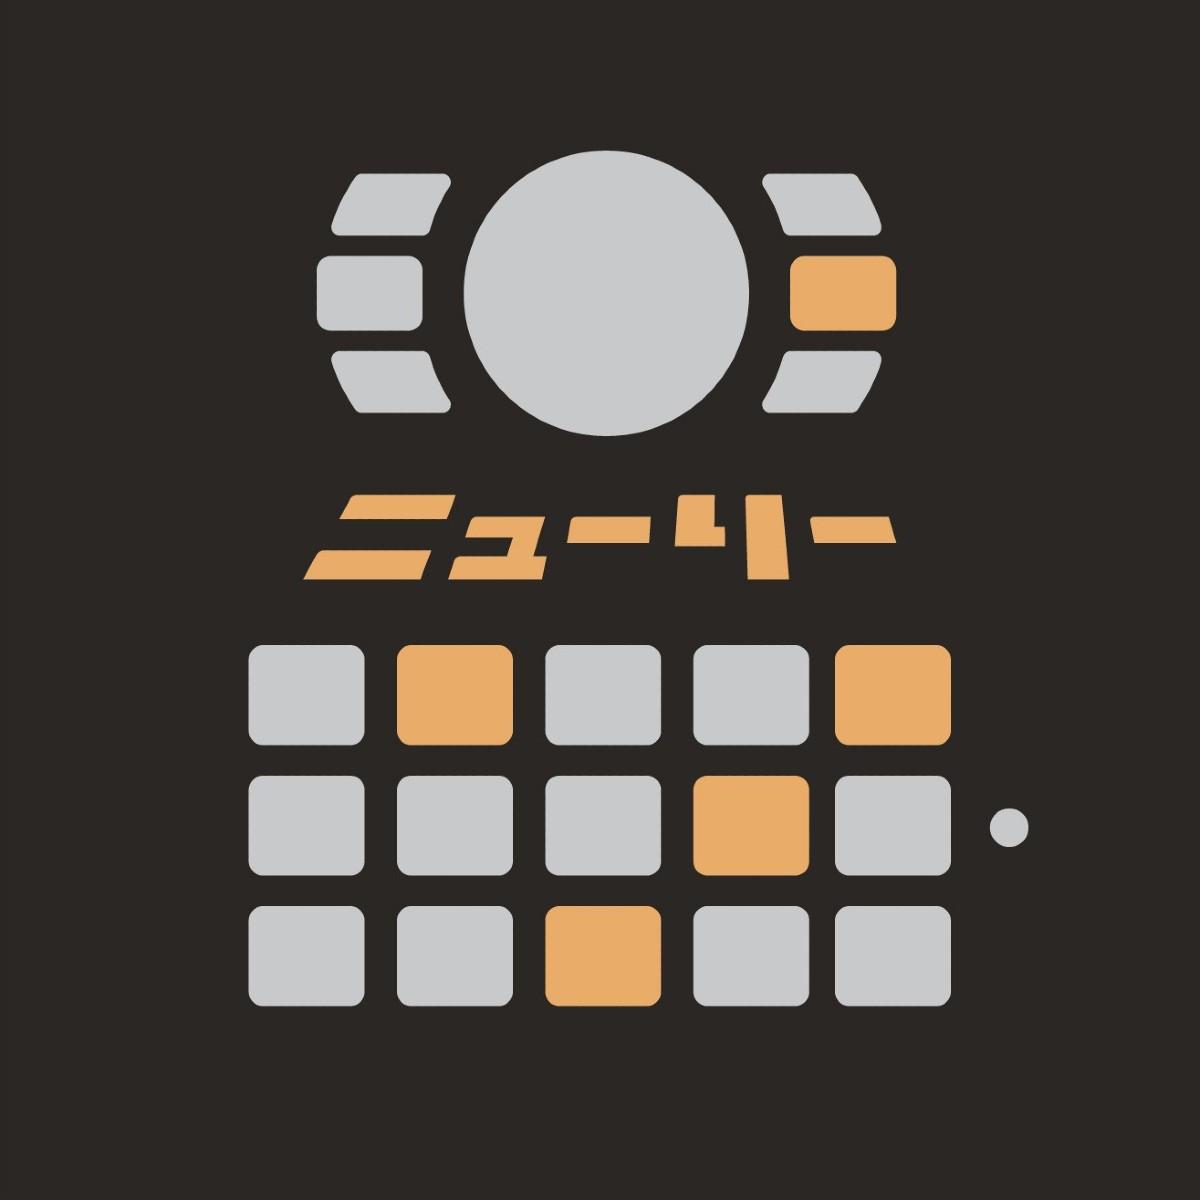 【注目の学生アーティスト】レーベル「Chilly Source」に所属するビートメイカー・ニューリー、曲作りは実際に自分で楽器を弾いて制作